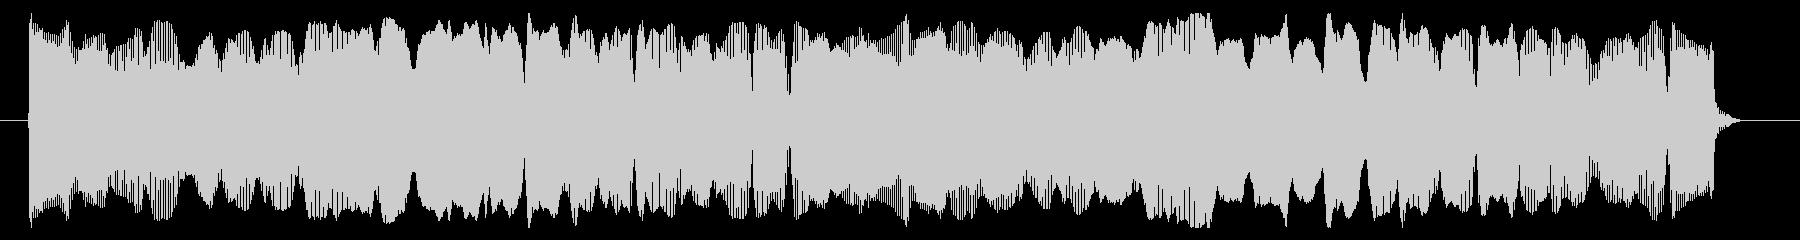 8bitパワーU-D-01-3_dryの未再生の波形